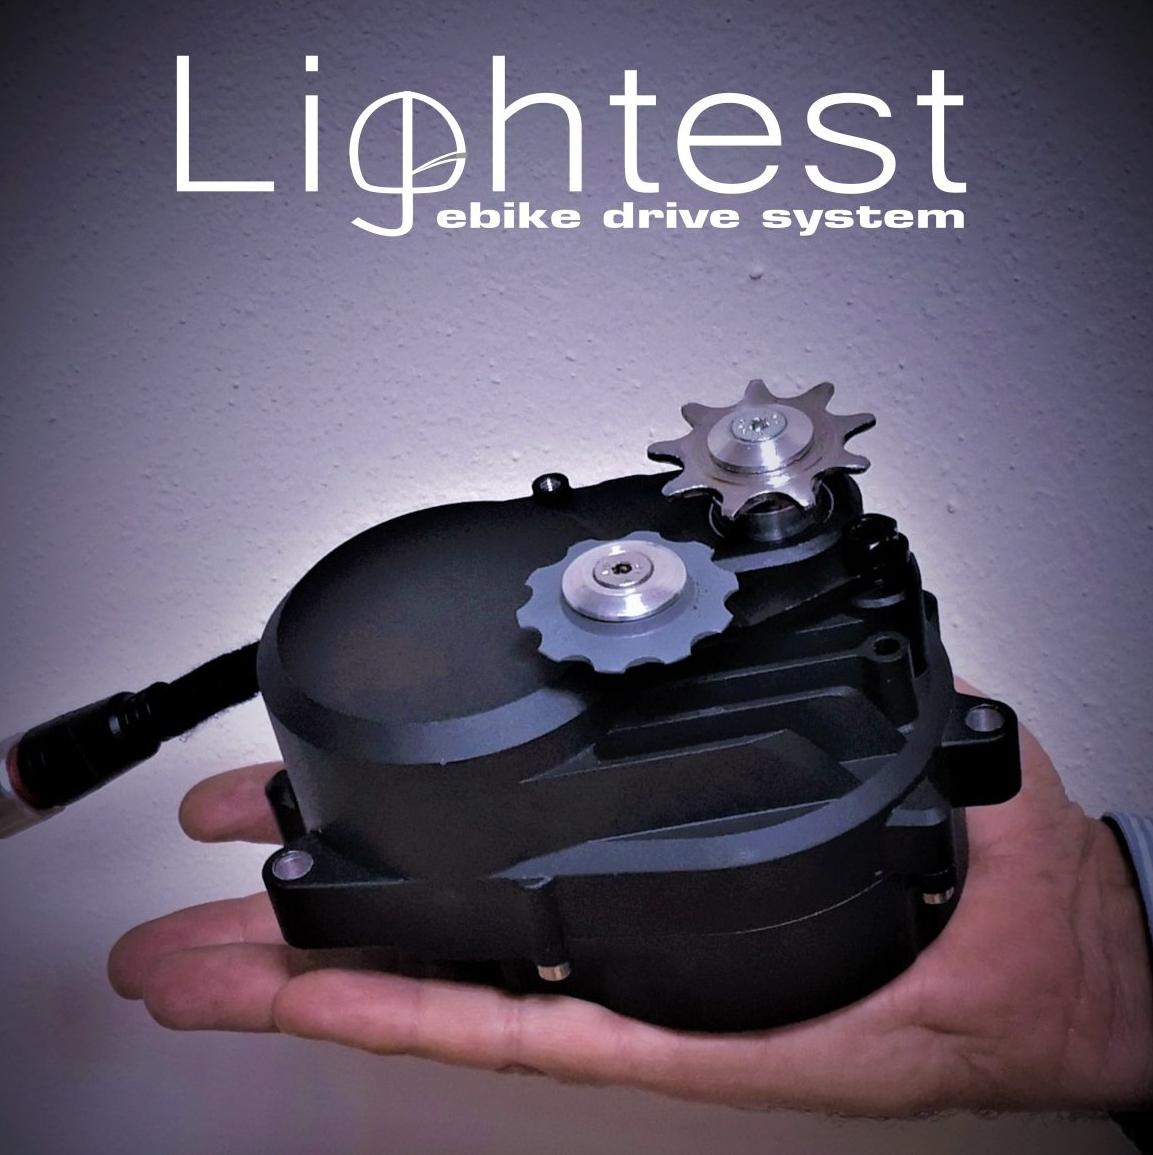 www.lightest.bike